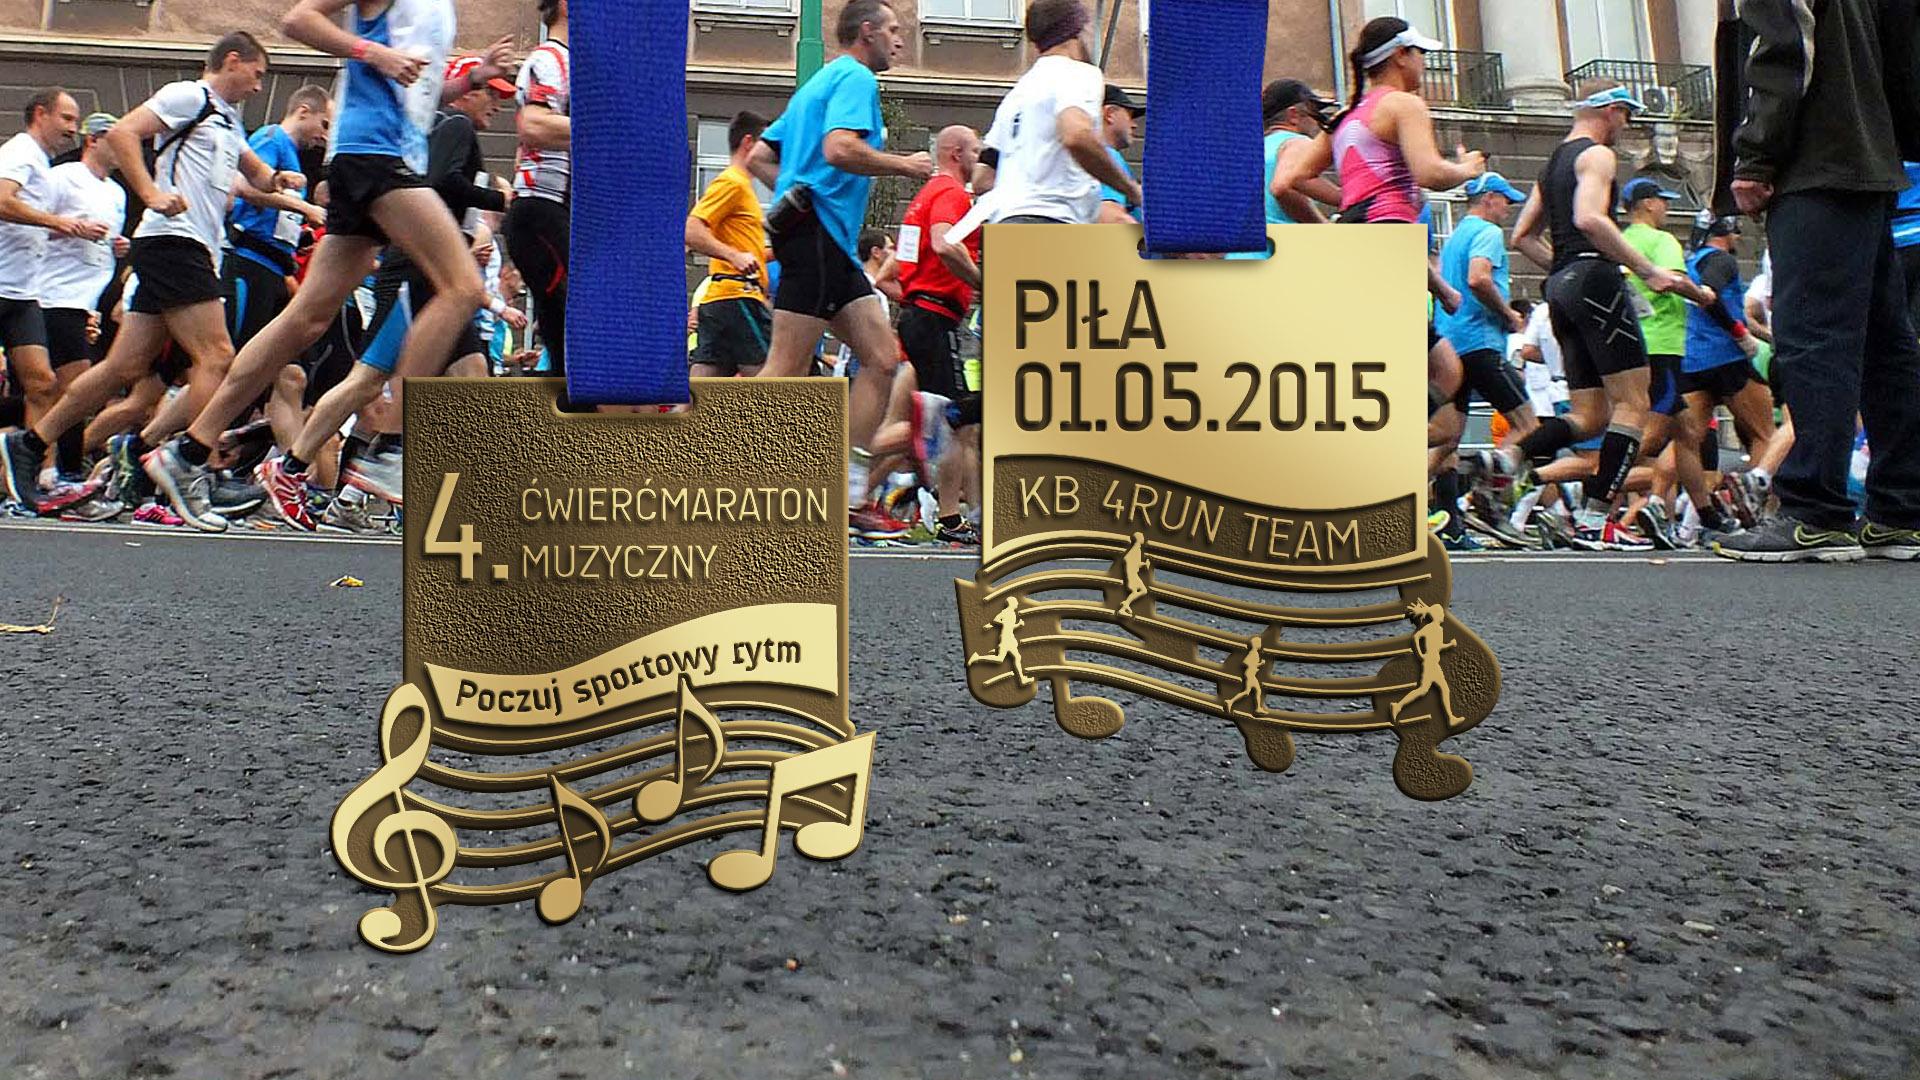 muzyczny_medal_pila